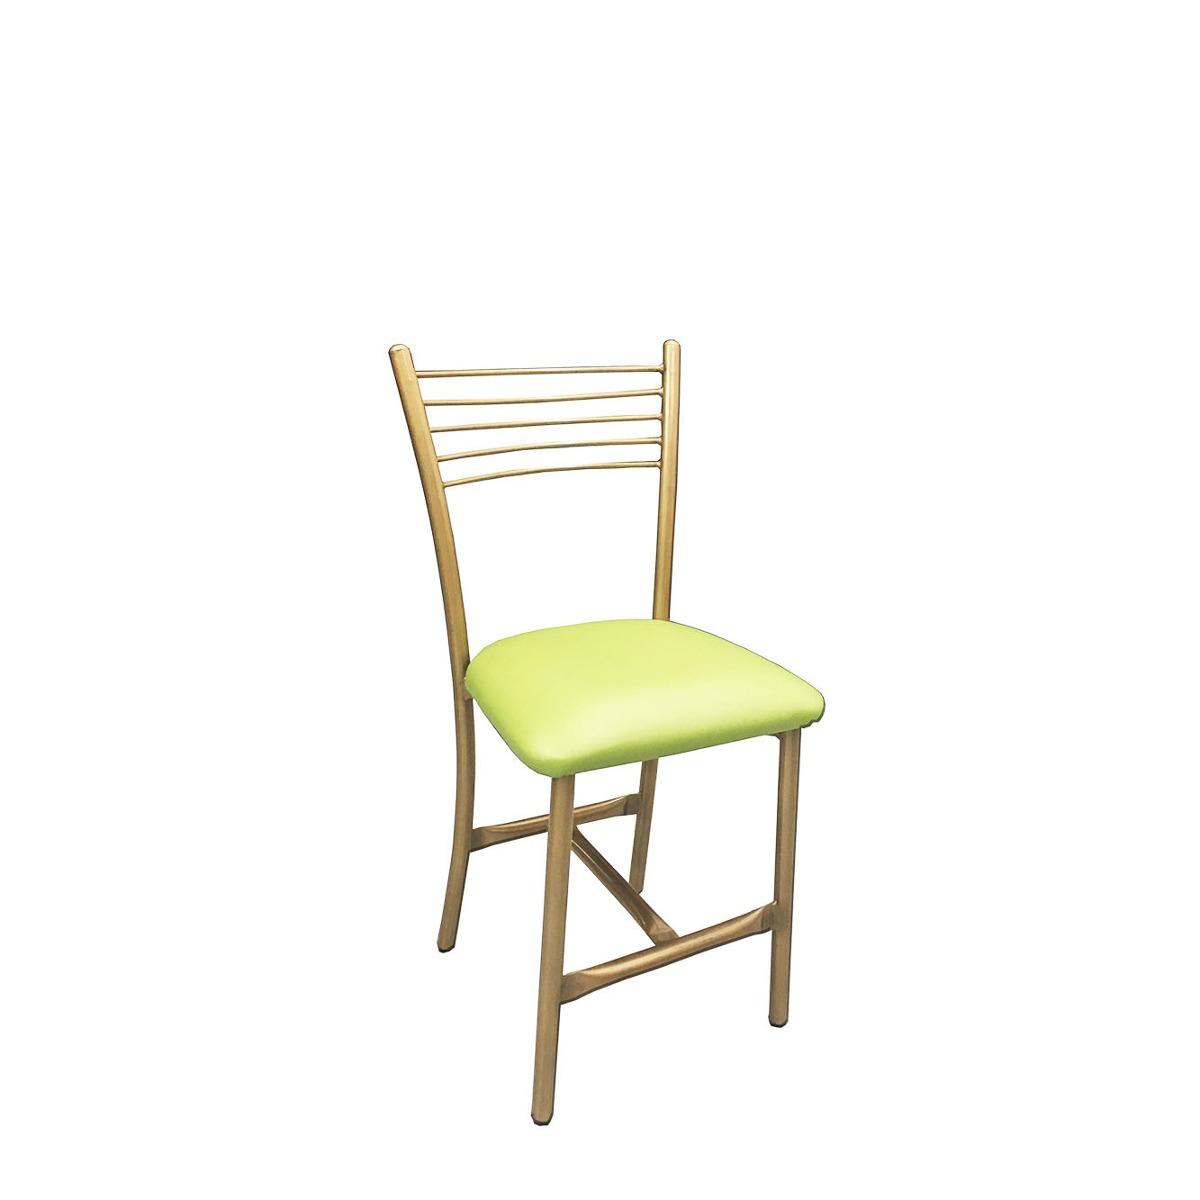 Mesas y sillas vintage dise os arquitect nicos for Mesa y sillas escandinavas